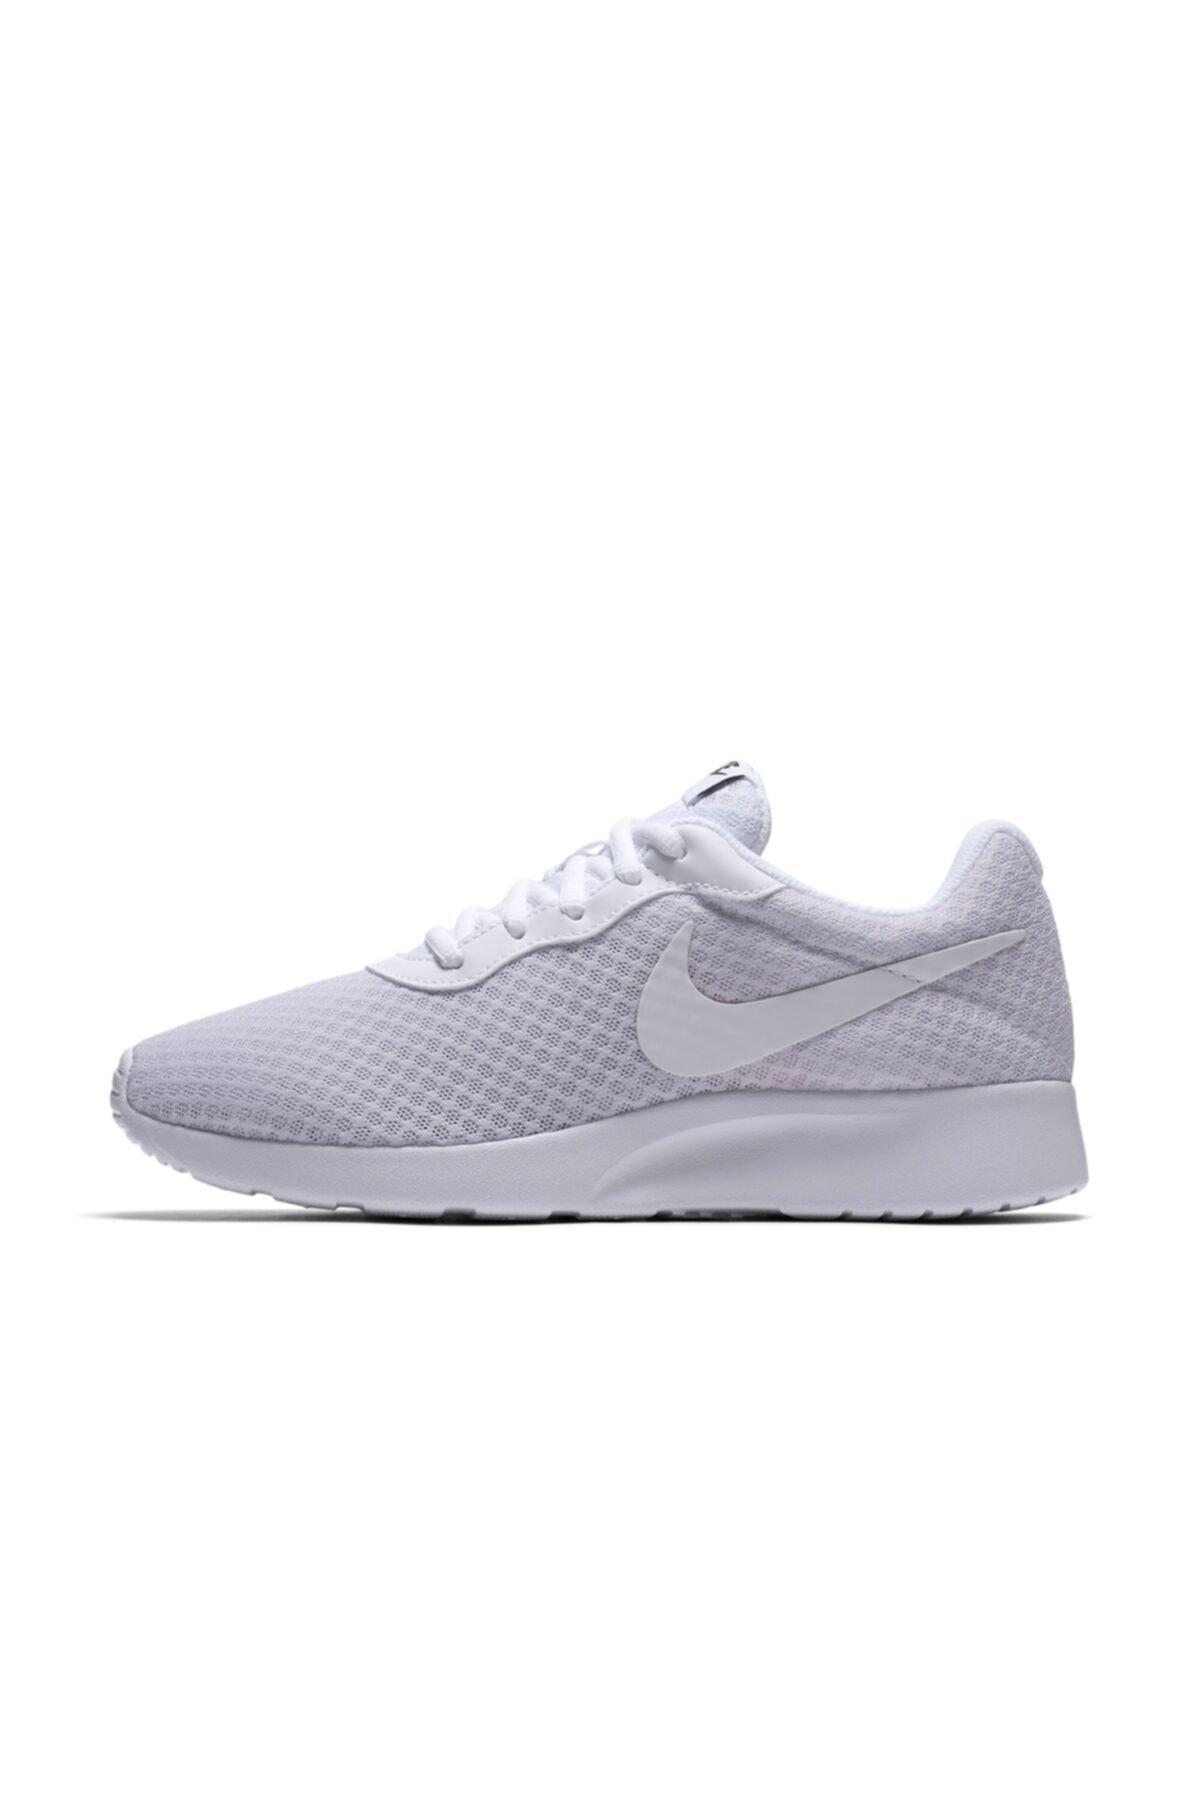 Nike 812655-110 Wmns Tanjun Kadın Günlük Ayakkabı 1